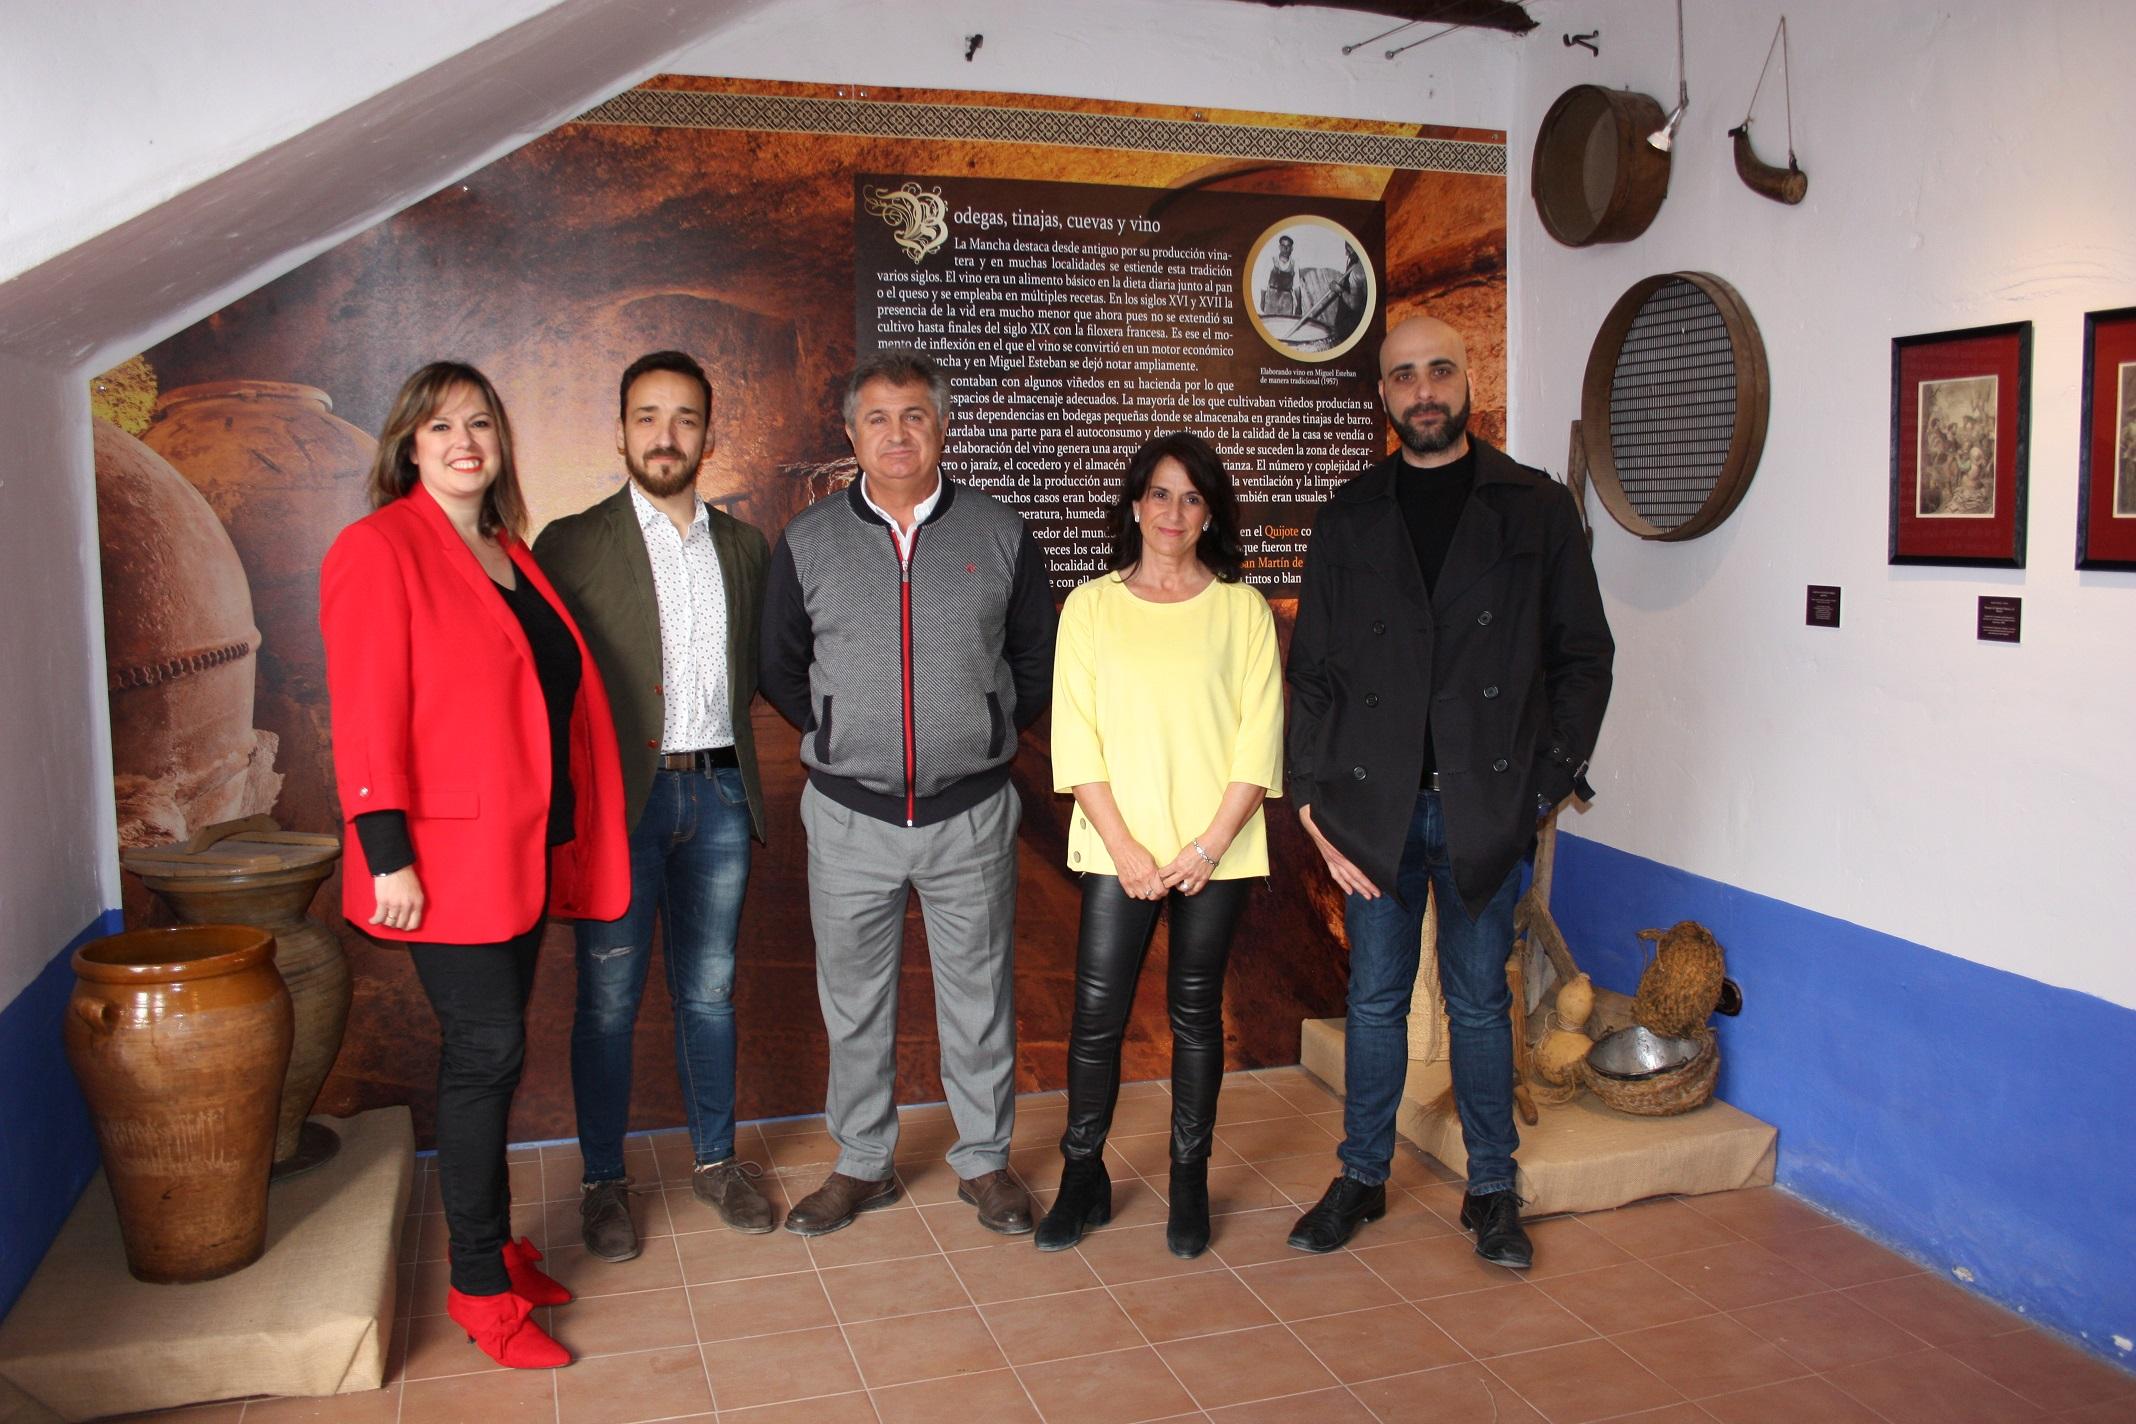 presentacion_jornadas_cervantinas_alcalde_concejal_comisarios_exposicion_y_director_video